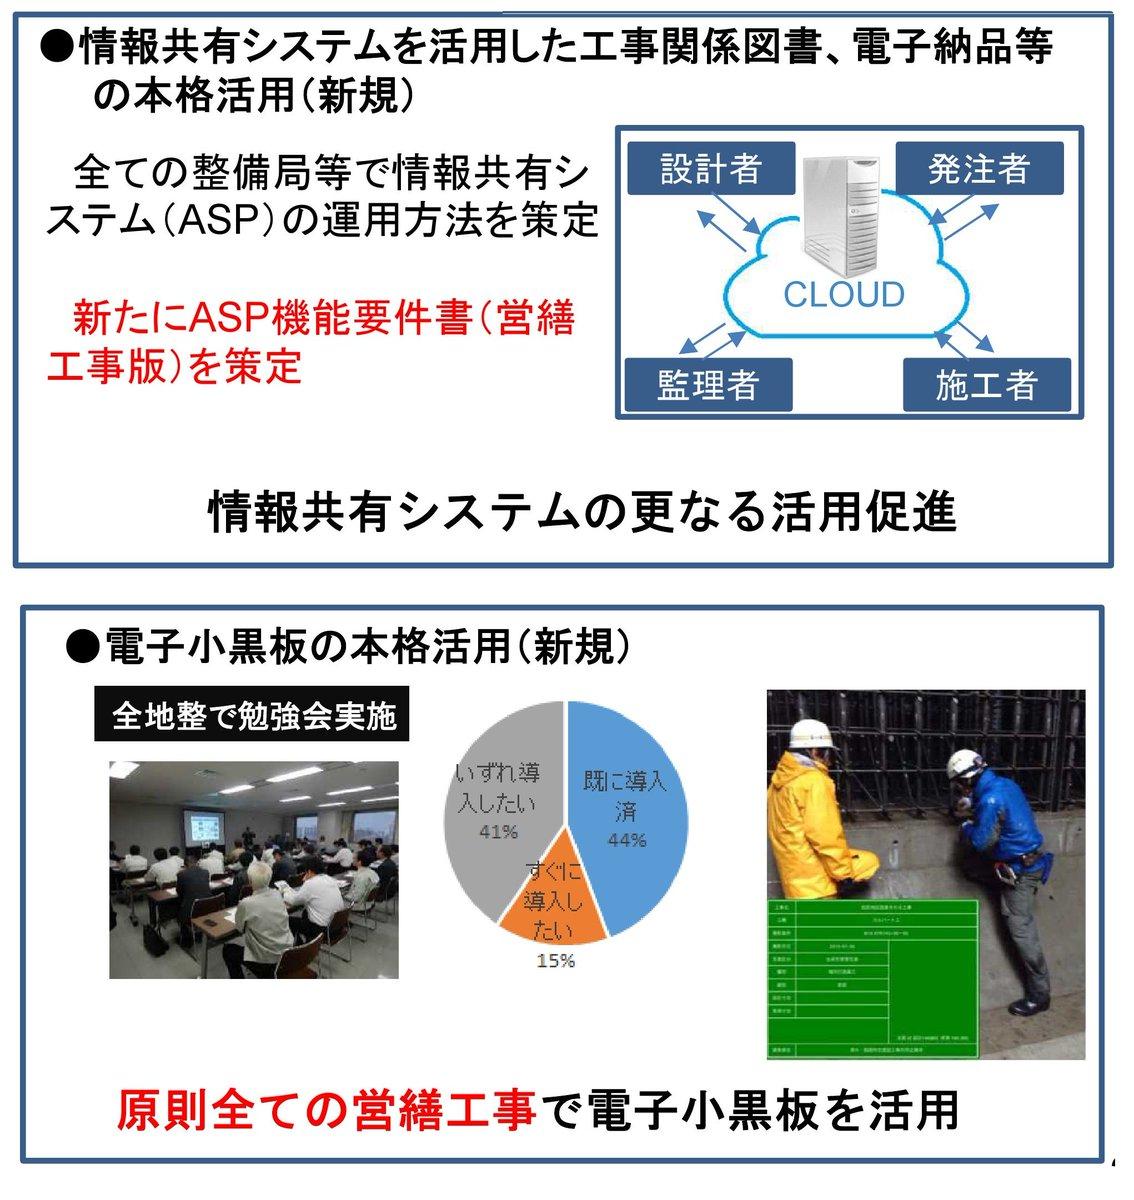 """国土交通省 on Twitter: """"【リリース】営繕工事において生産性向上技術 ..."""